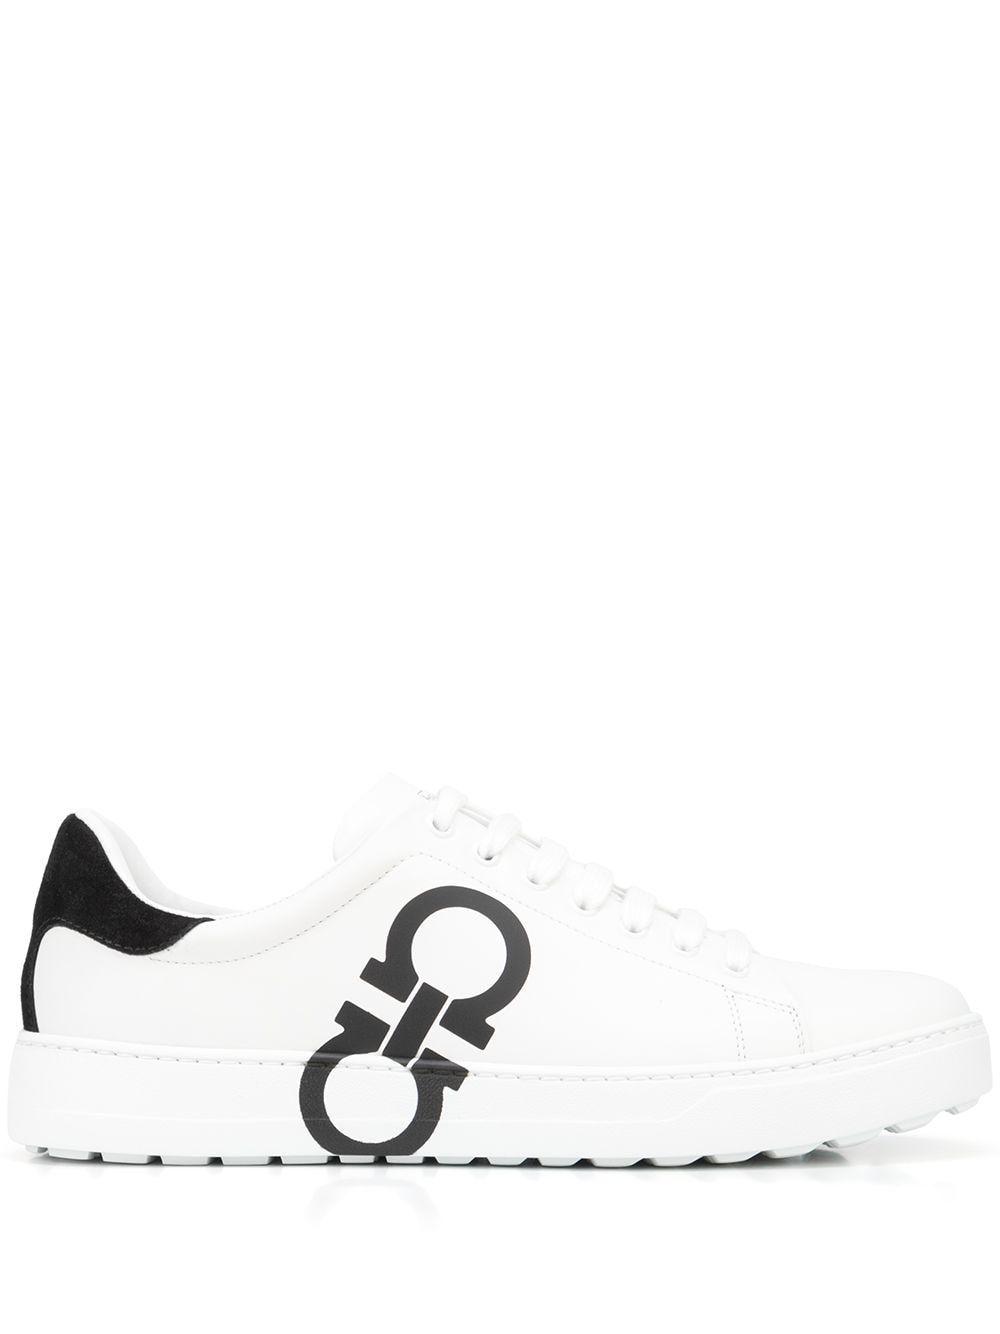 Salvatore ferragamo sneakers bianco